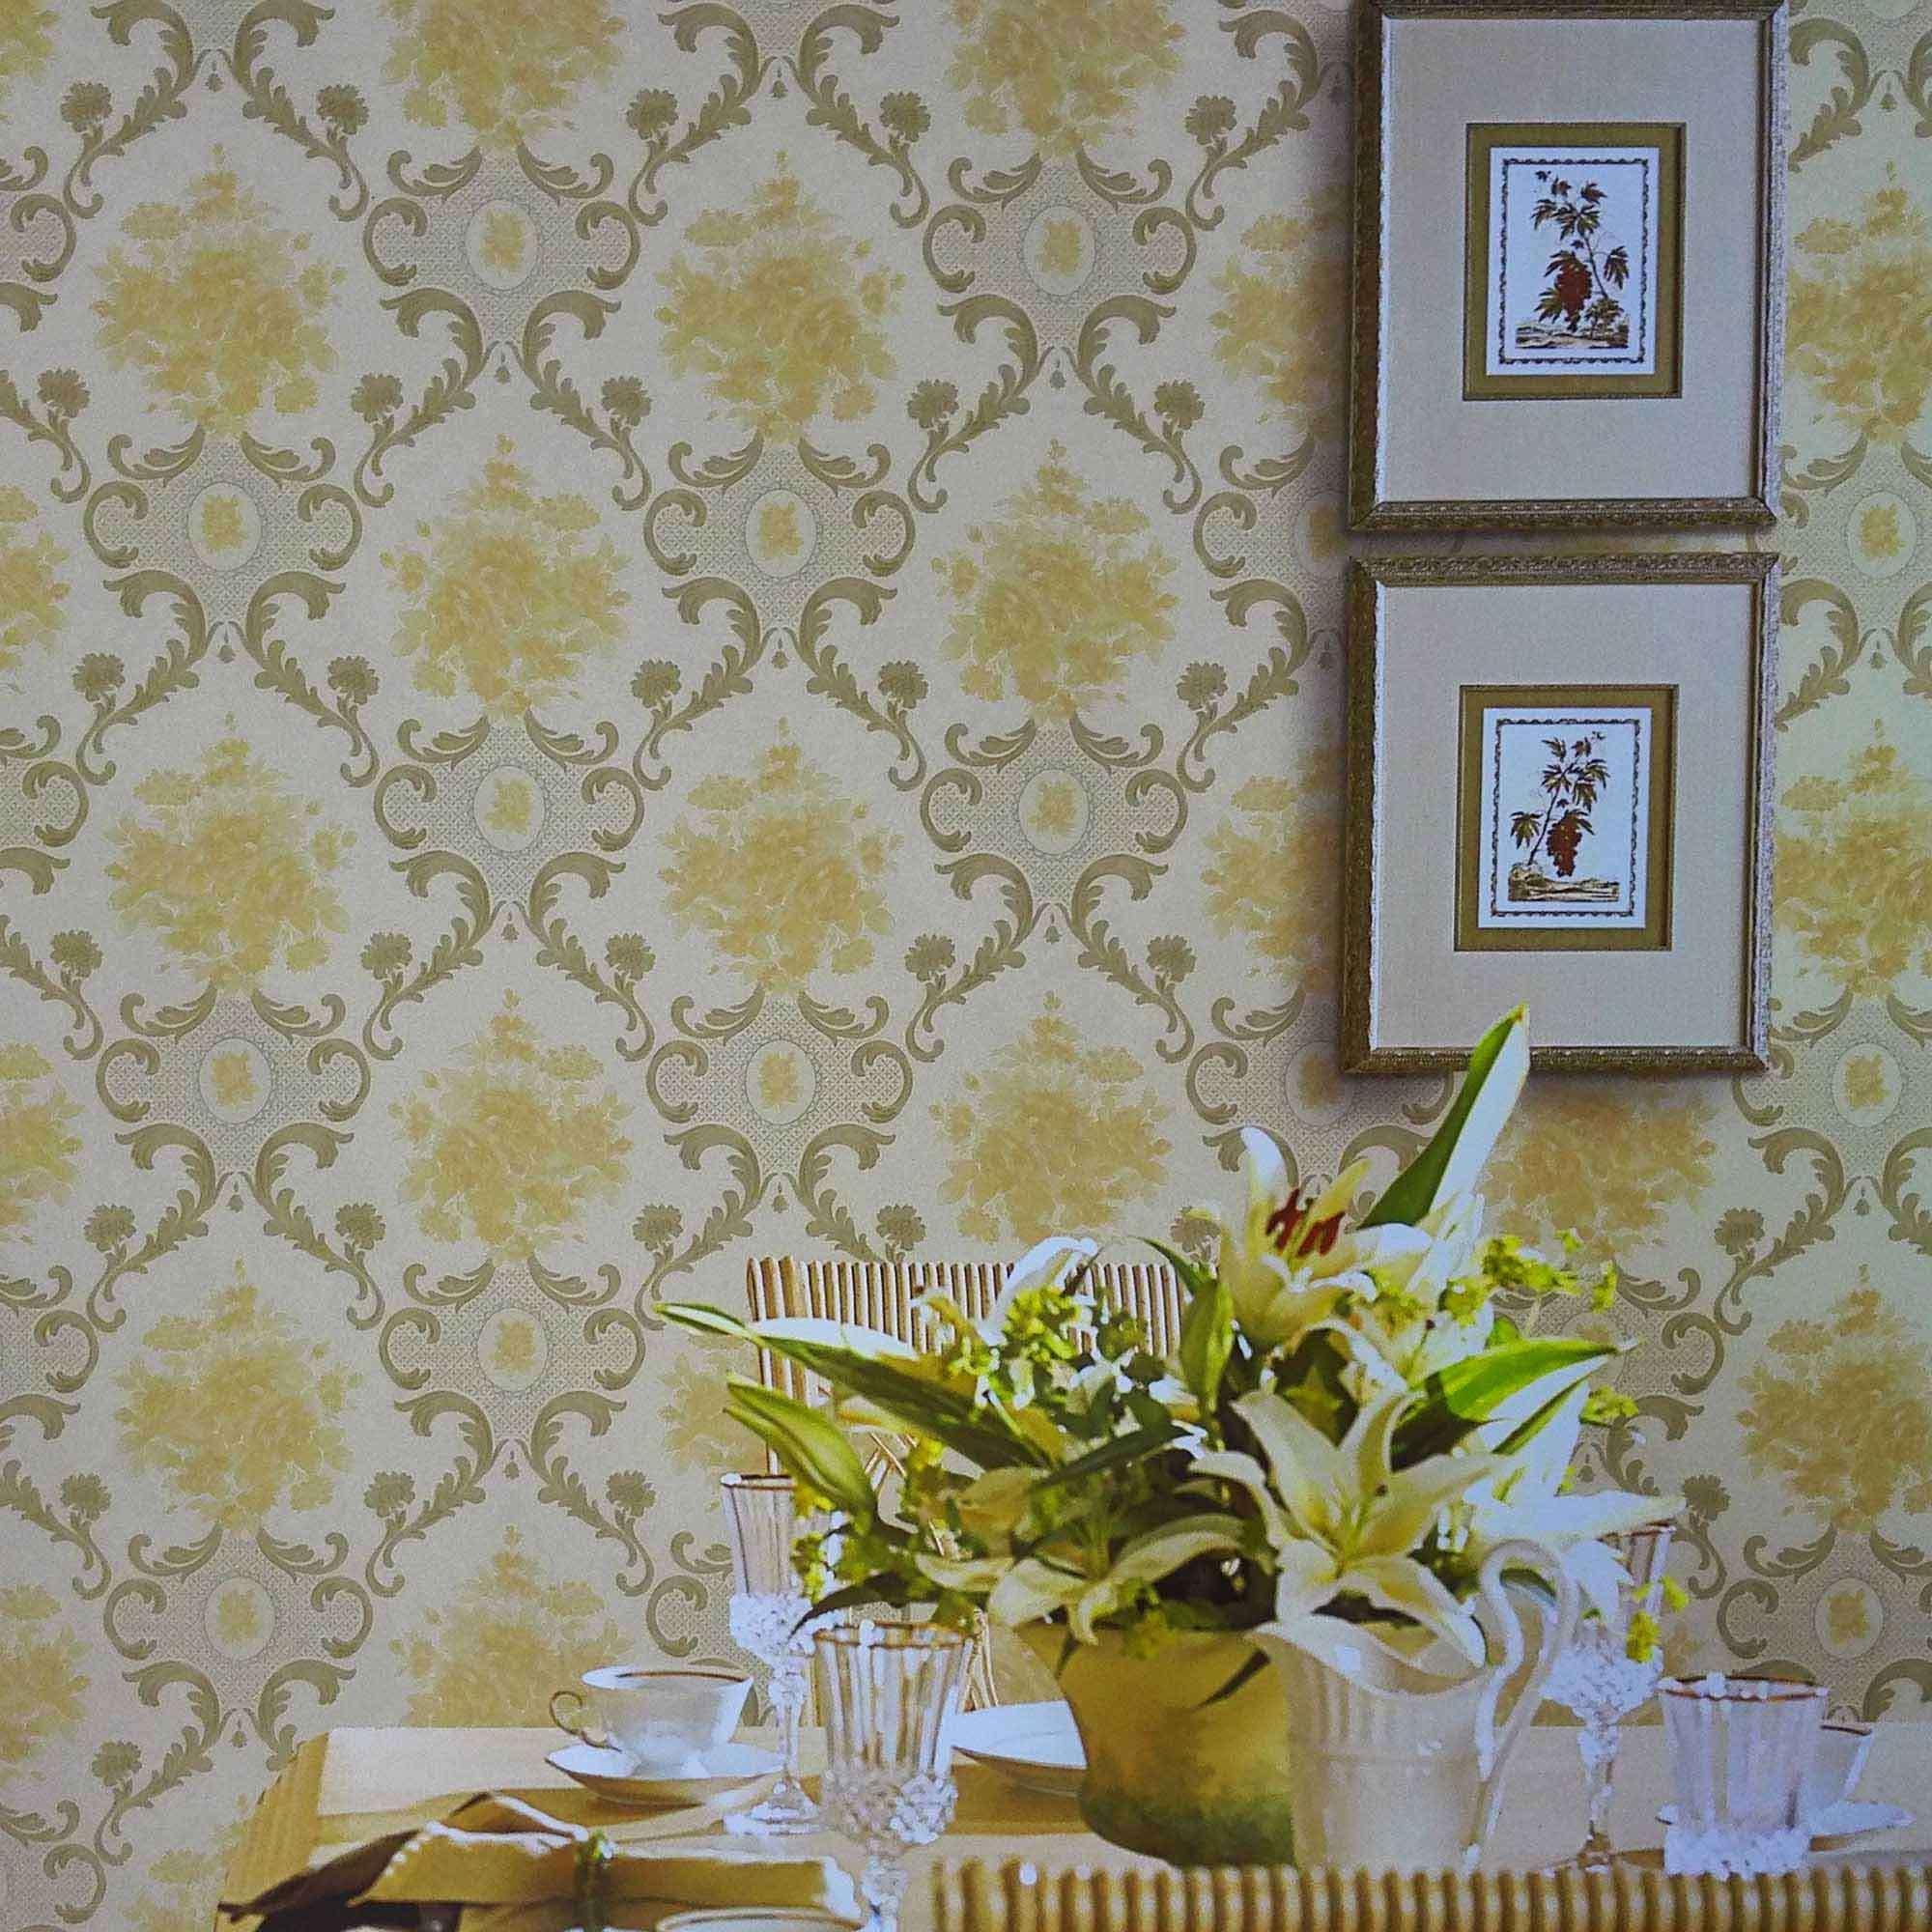 Papel pintado cl sico del pvc del dise o para las paredes - Papel pintado aislante termico ...